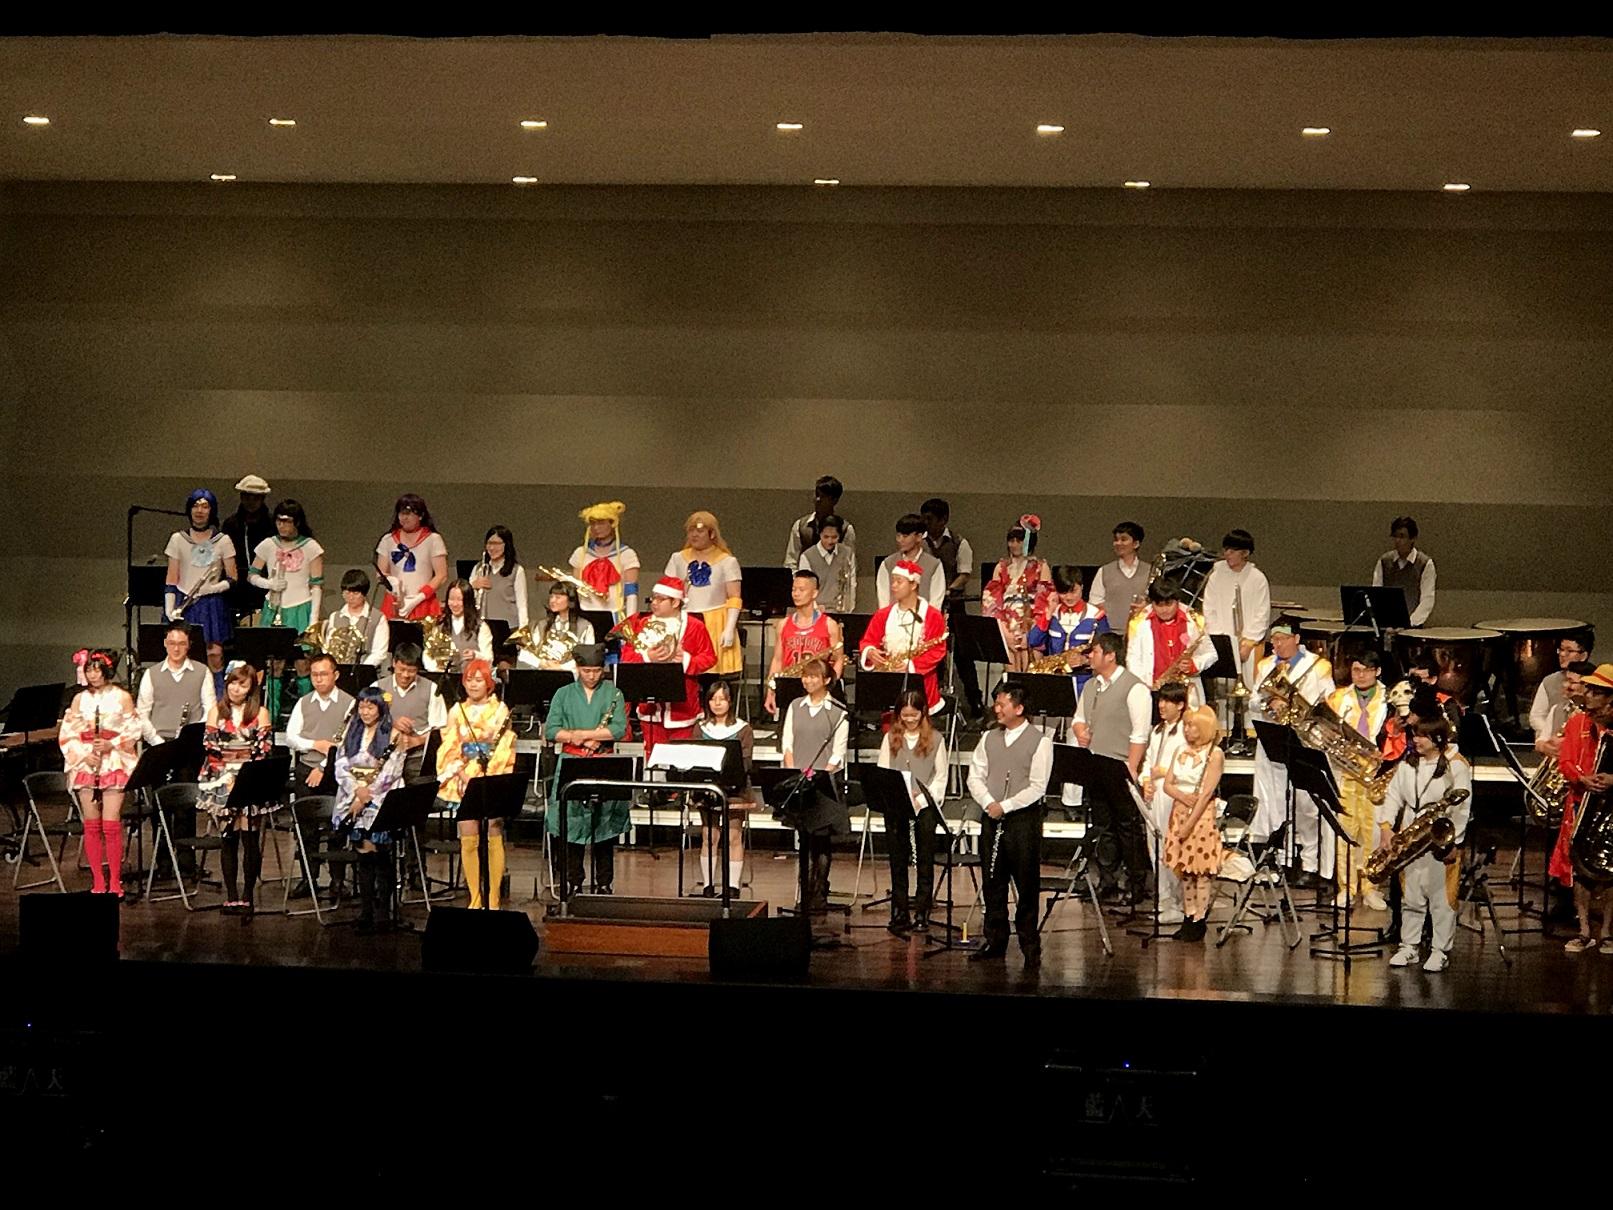 12月15日(二)星空交響管樂團《狂樂動漫魂》